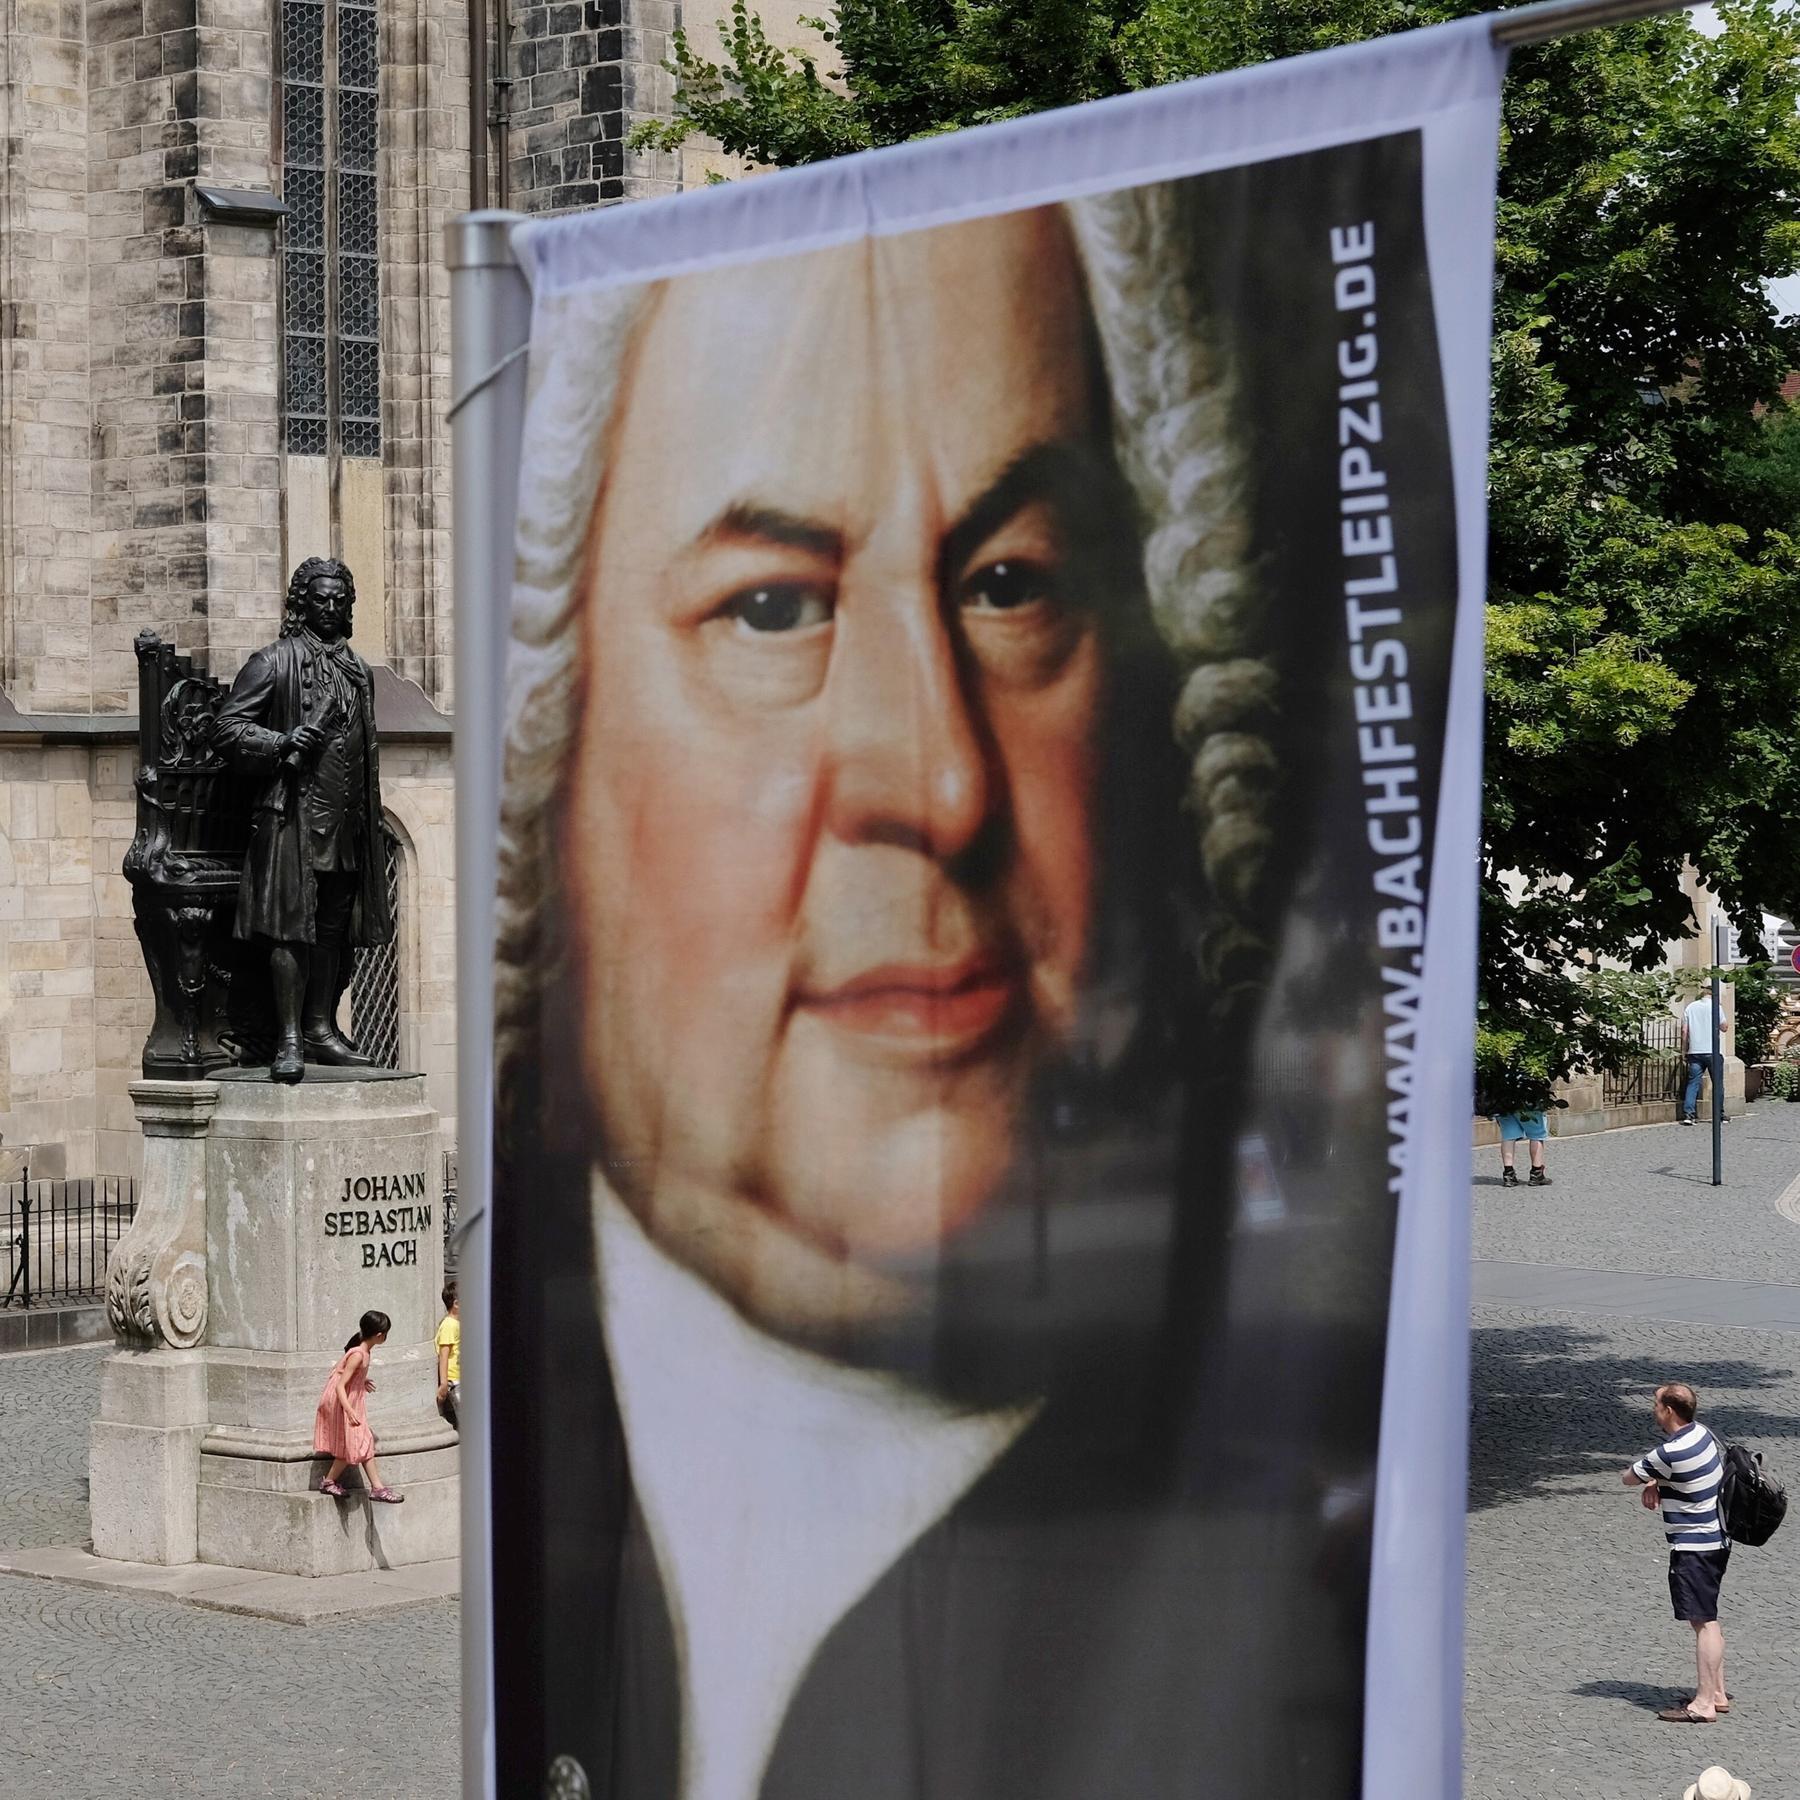 Johann Sebastian Bach Genie mit Langzeitwirkung